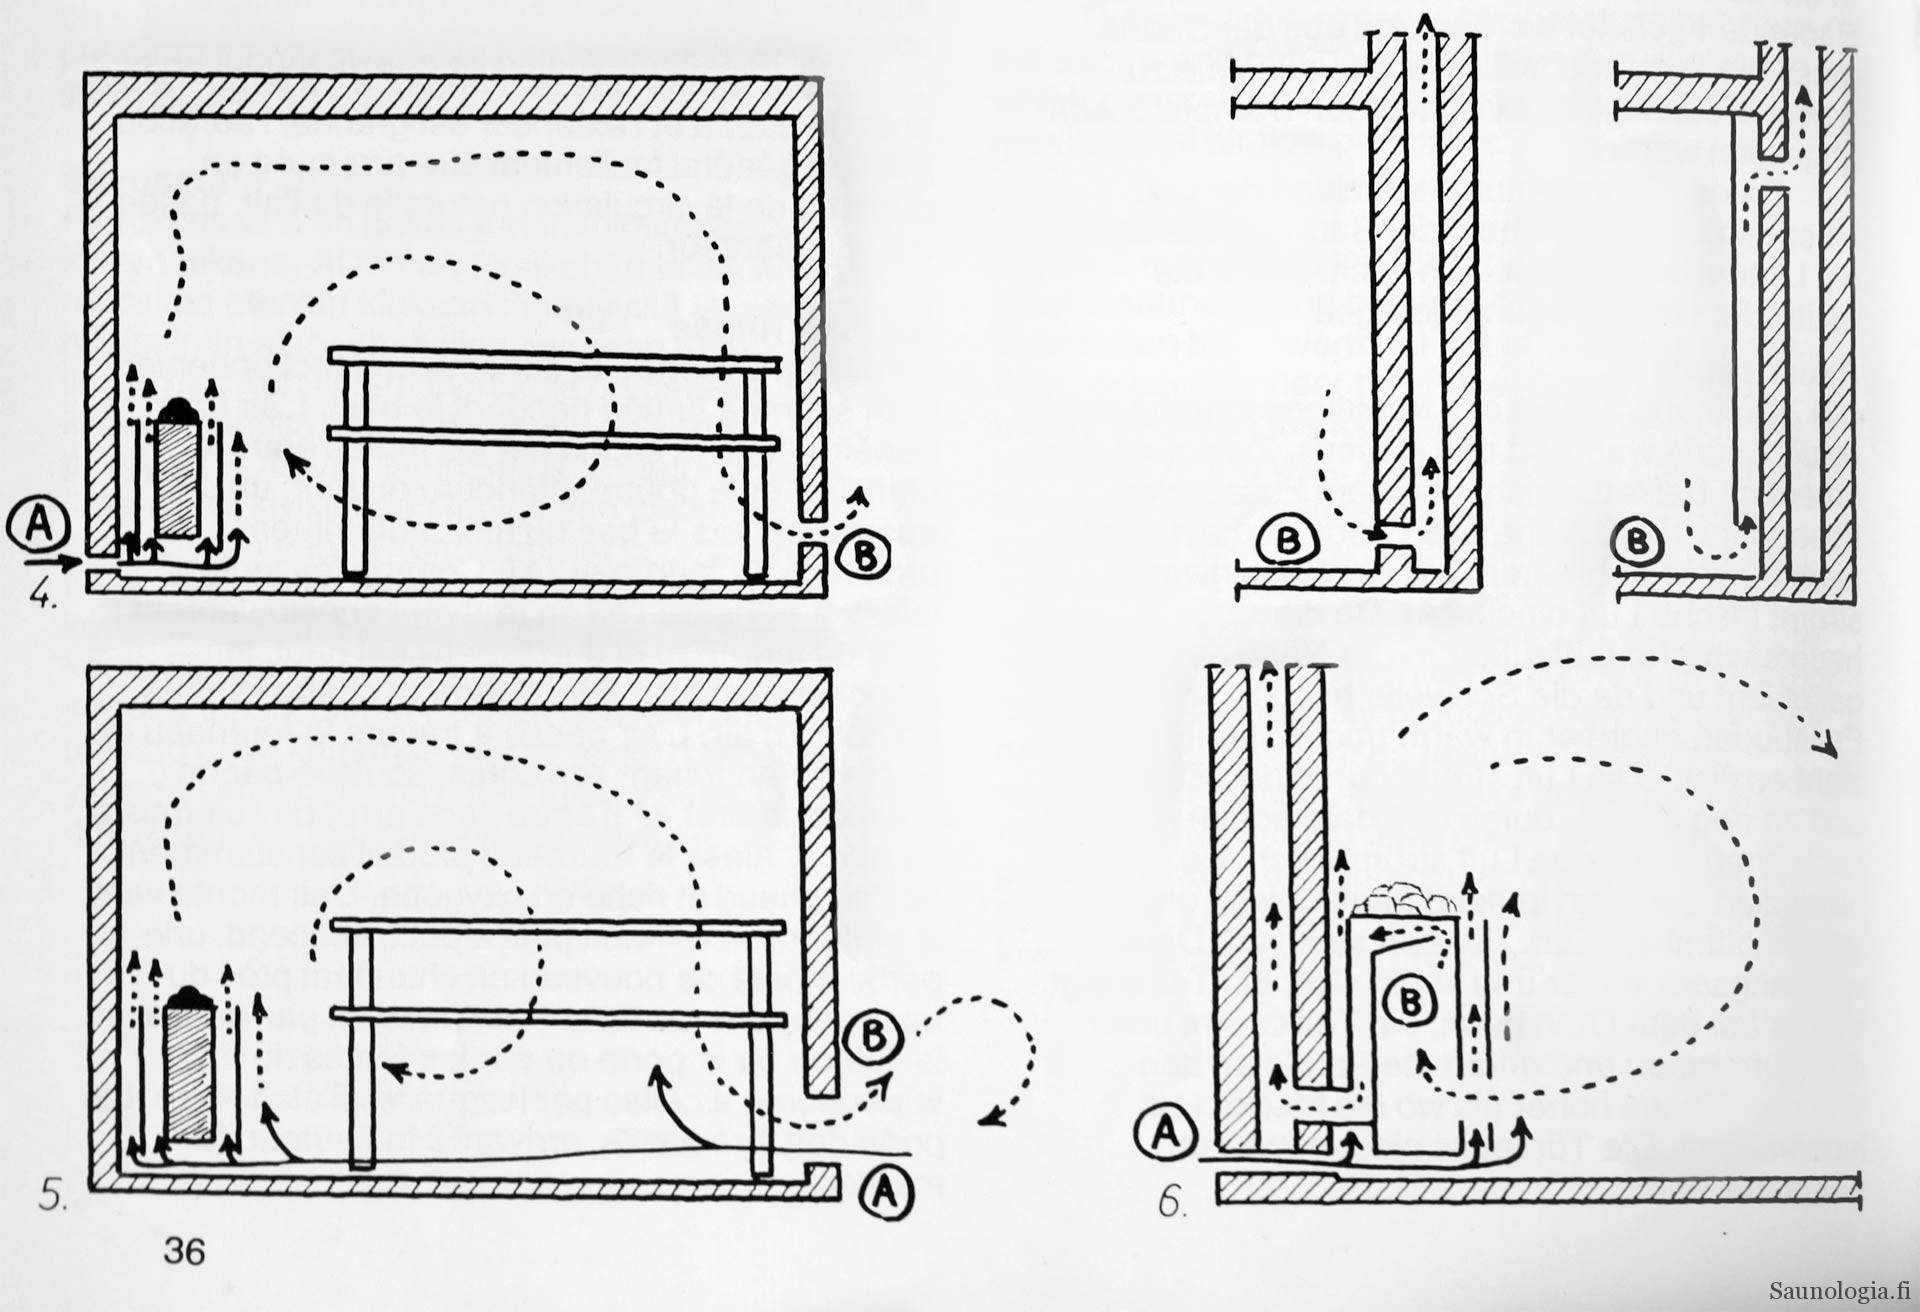 Sauna ja painovoimaisen ilmanvaihdon ratkaisut